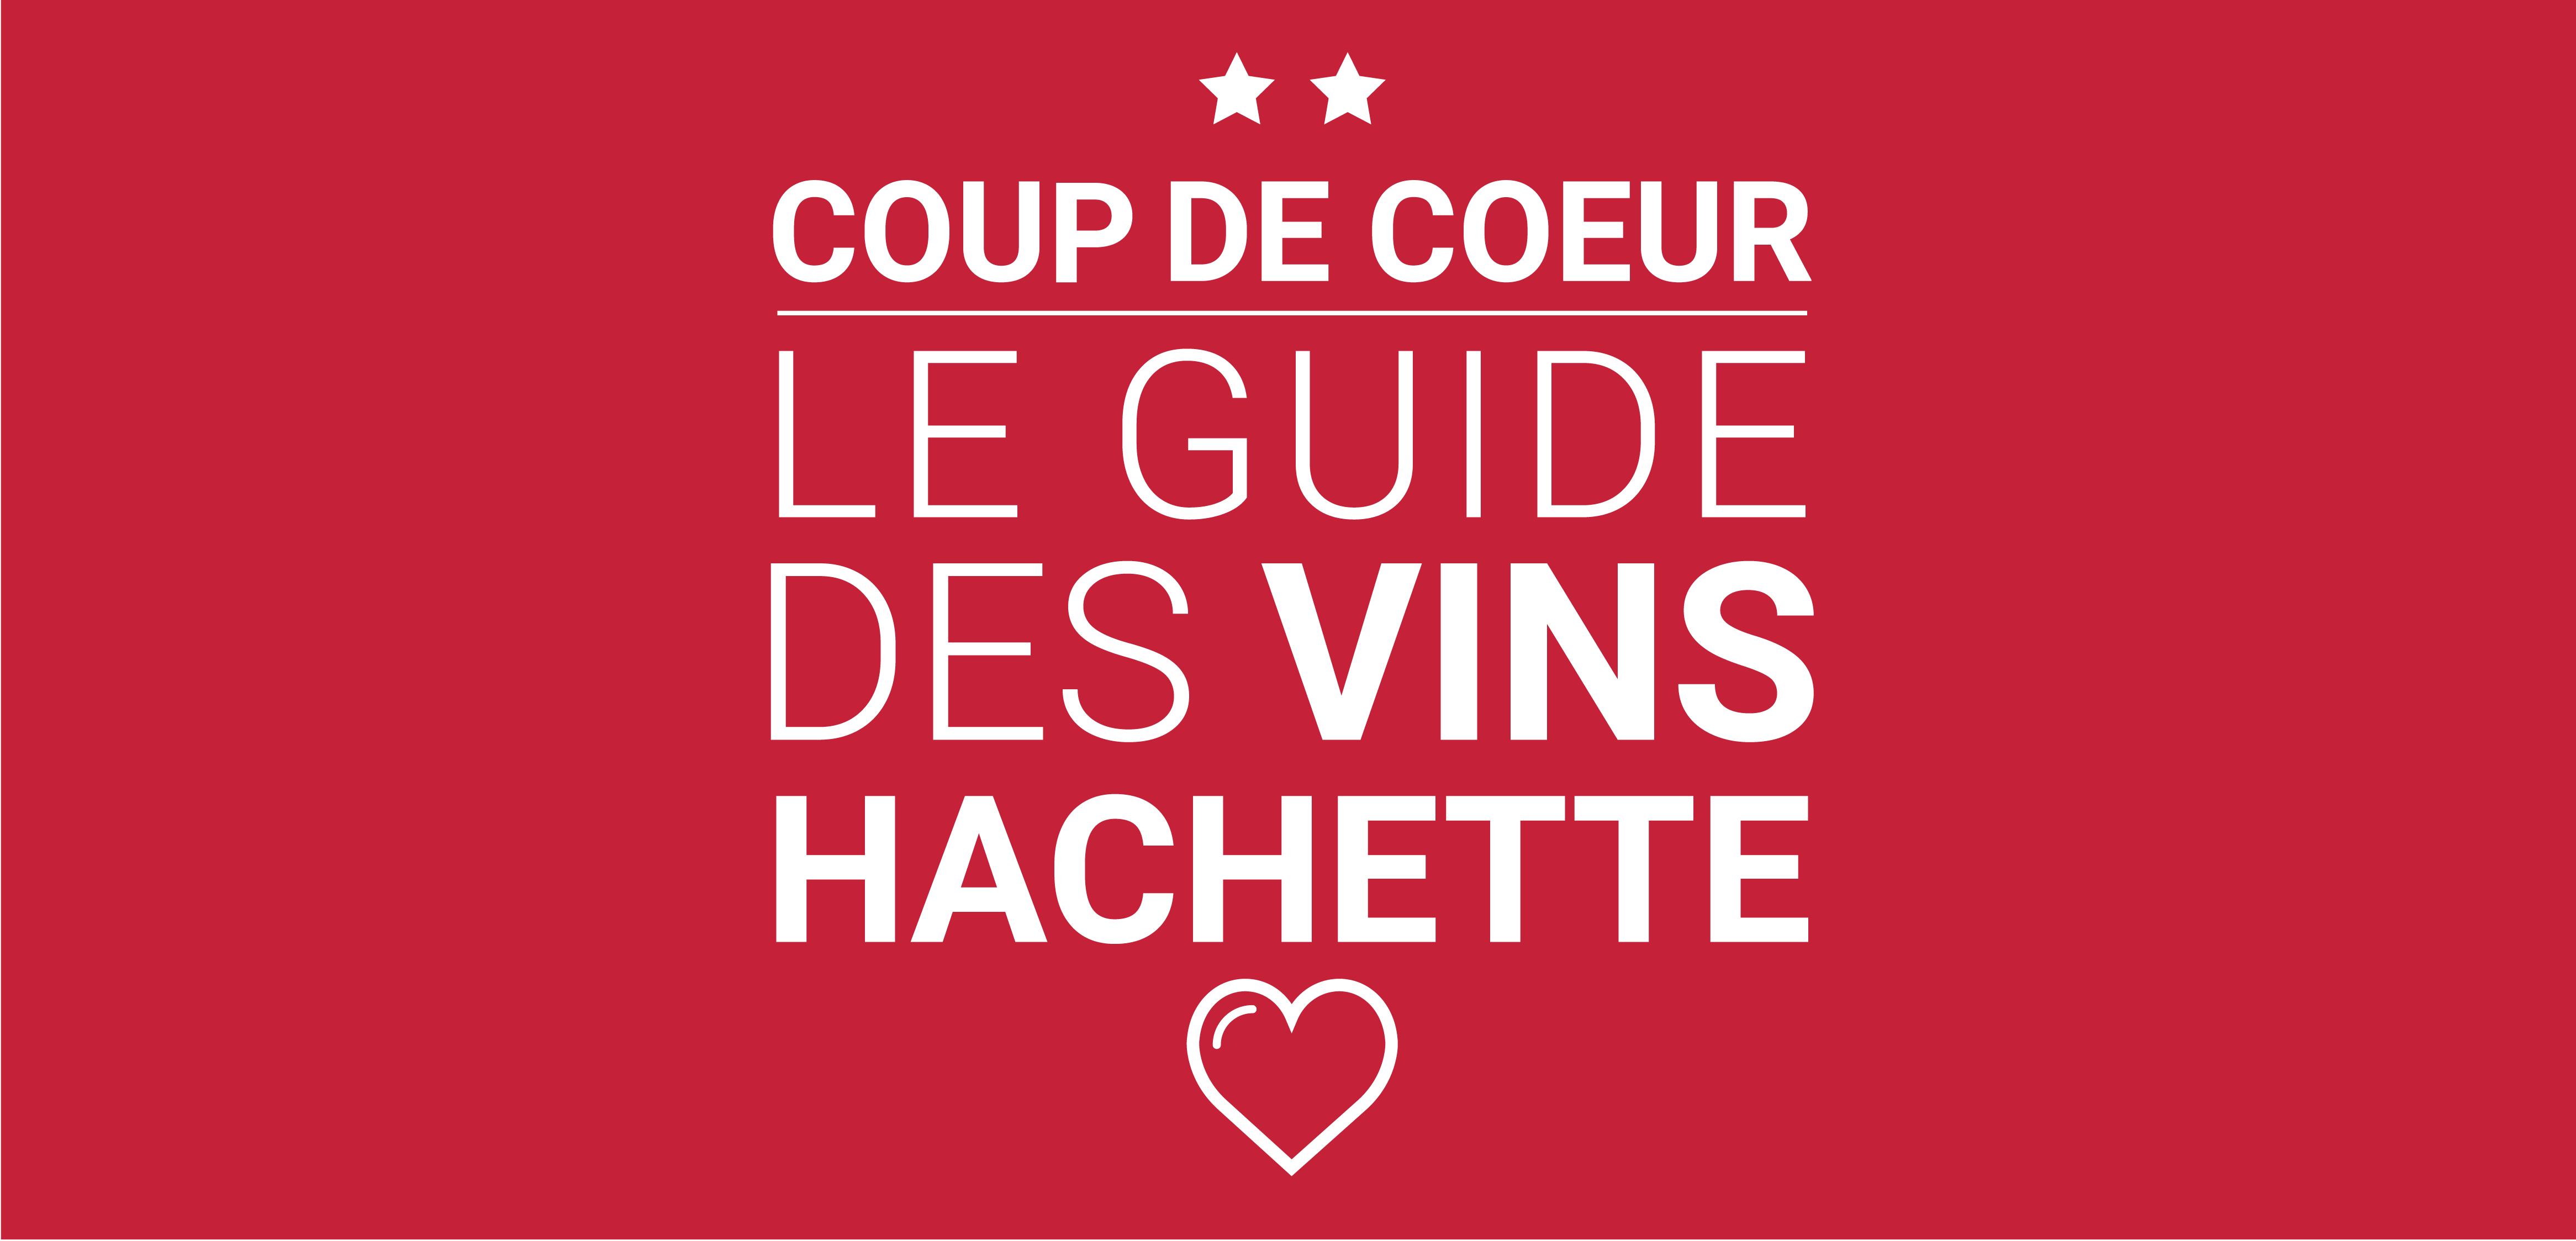 actualiées coup de coeur guide des vins hachette château sainte barbe ambes bordeaux